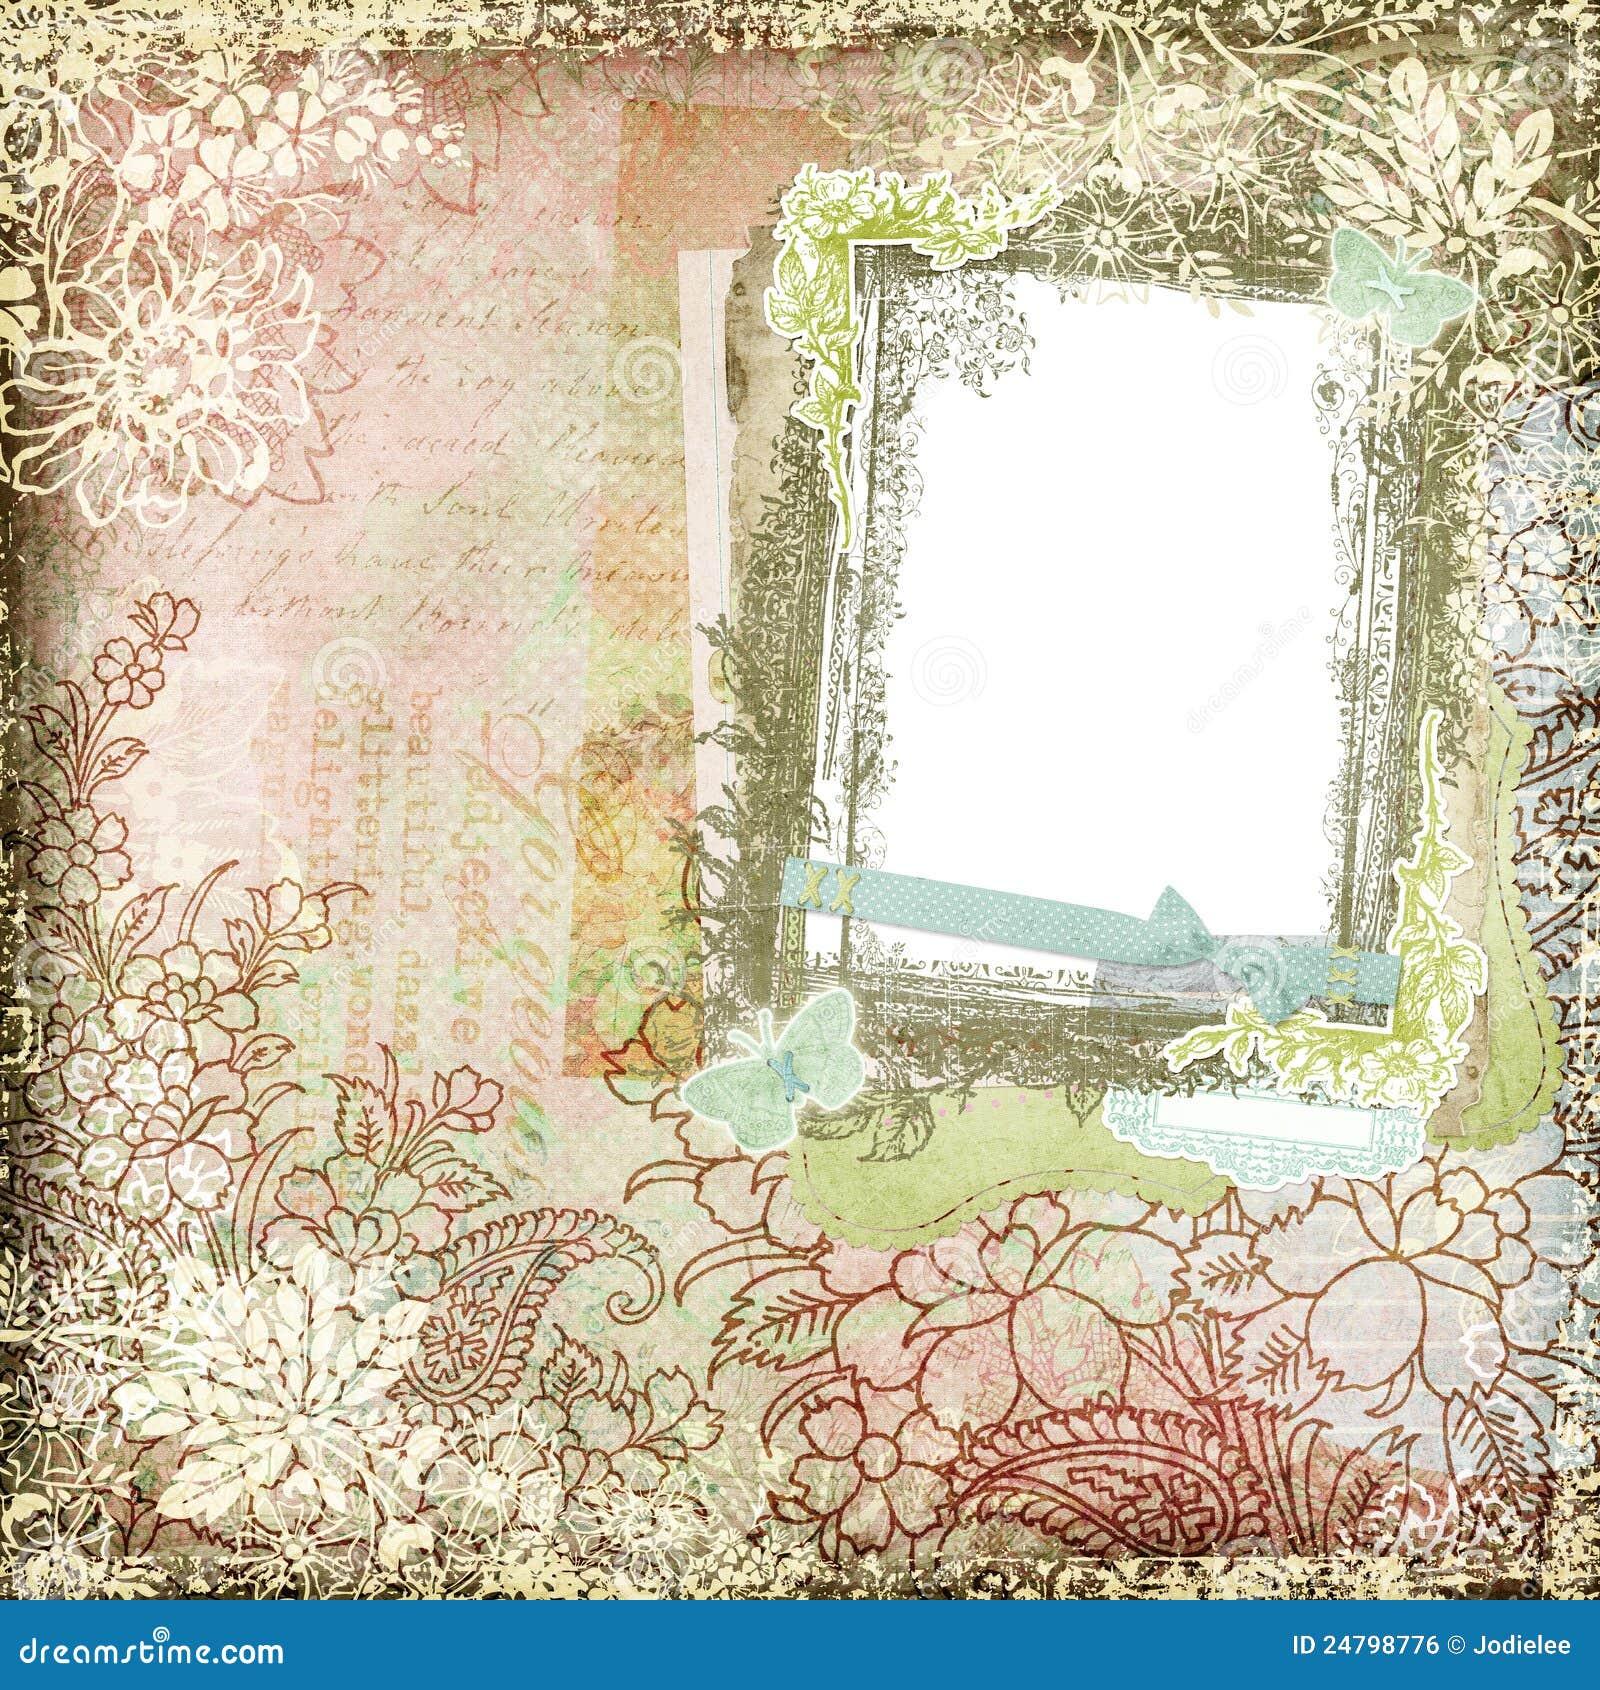 Vintage Style Botanical Floral Background Frame 3